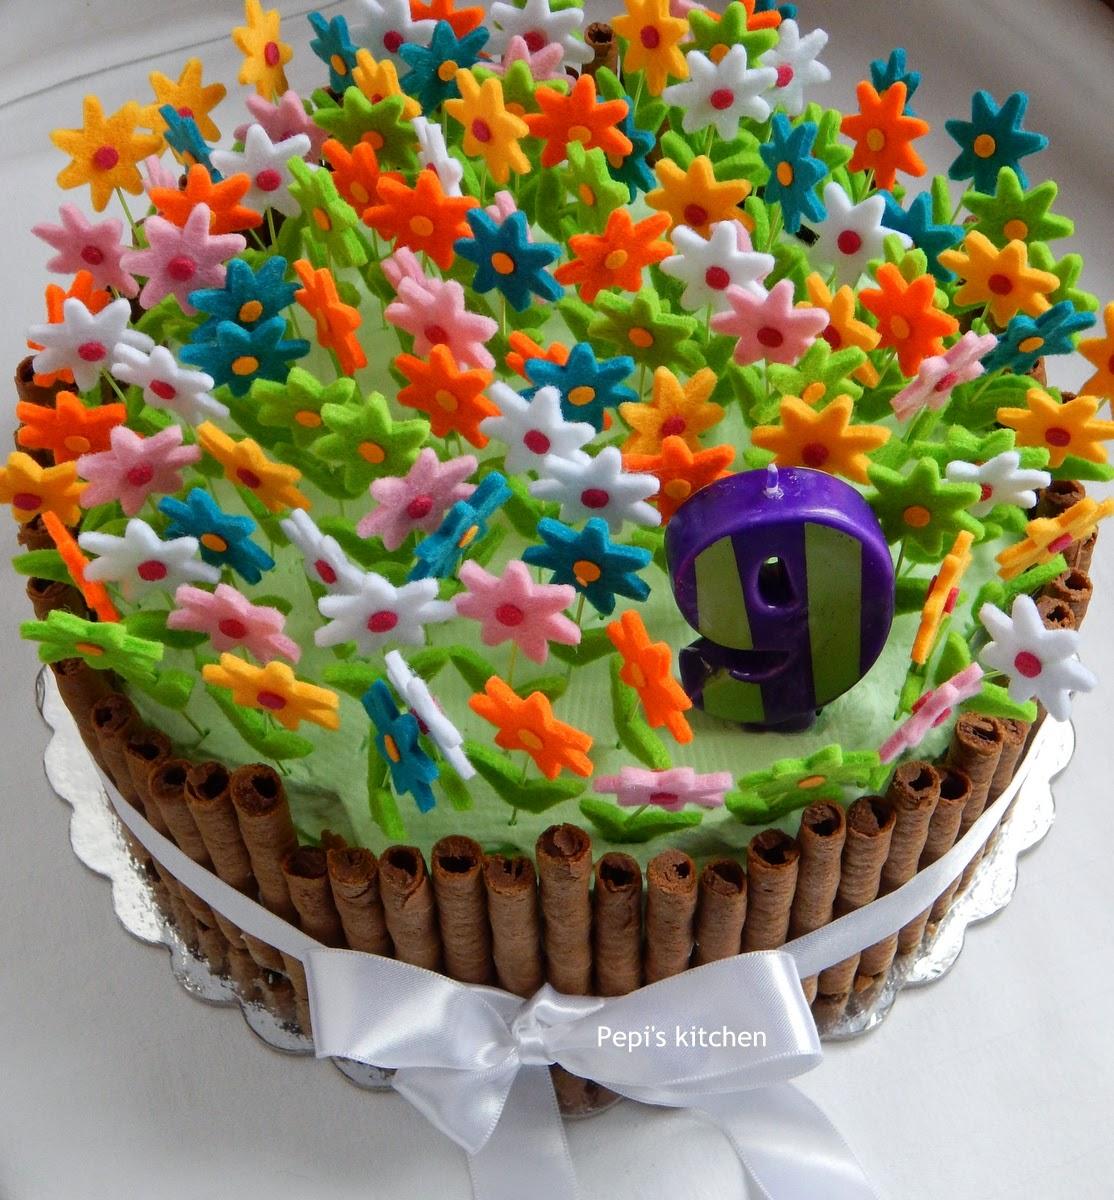 Pepi's Kitchen In English: Spring Birthday Cake